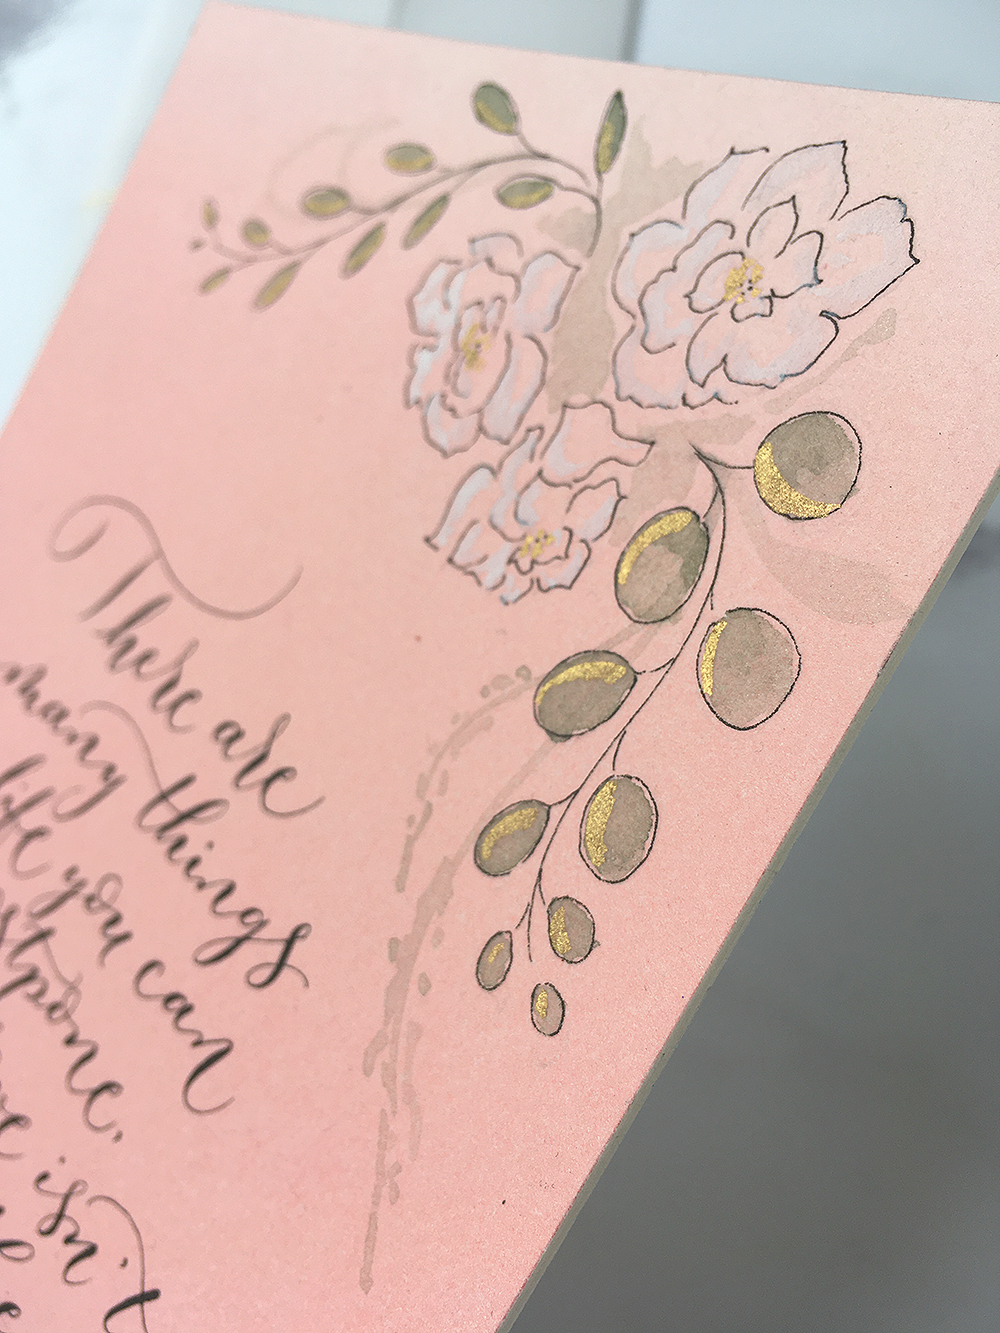 bespoke calligraphy illustration close up